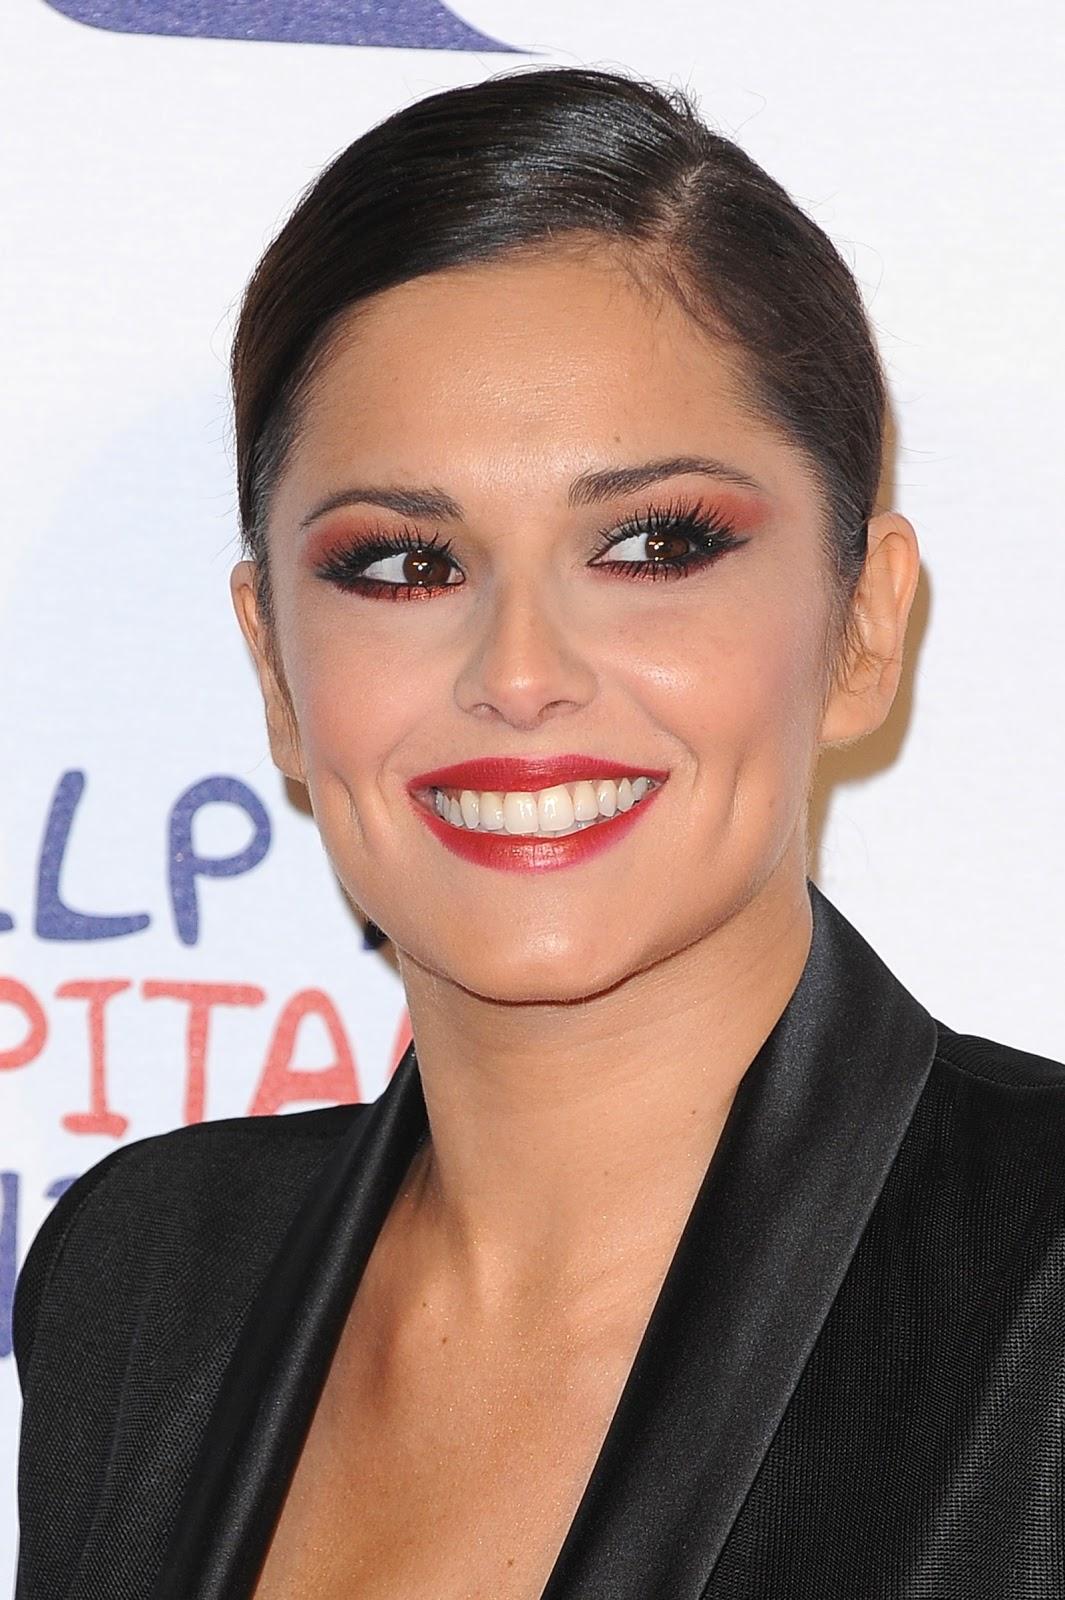 http://4.bp.blogspot.com/-nLER-O9UBII/UMWEpXNSGsI/AAAAAAABOAk/jfVZ1xJdqrA/s1600/Cheryl-Cole-hot+(4).jpg